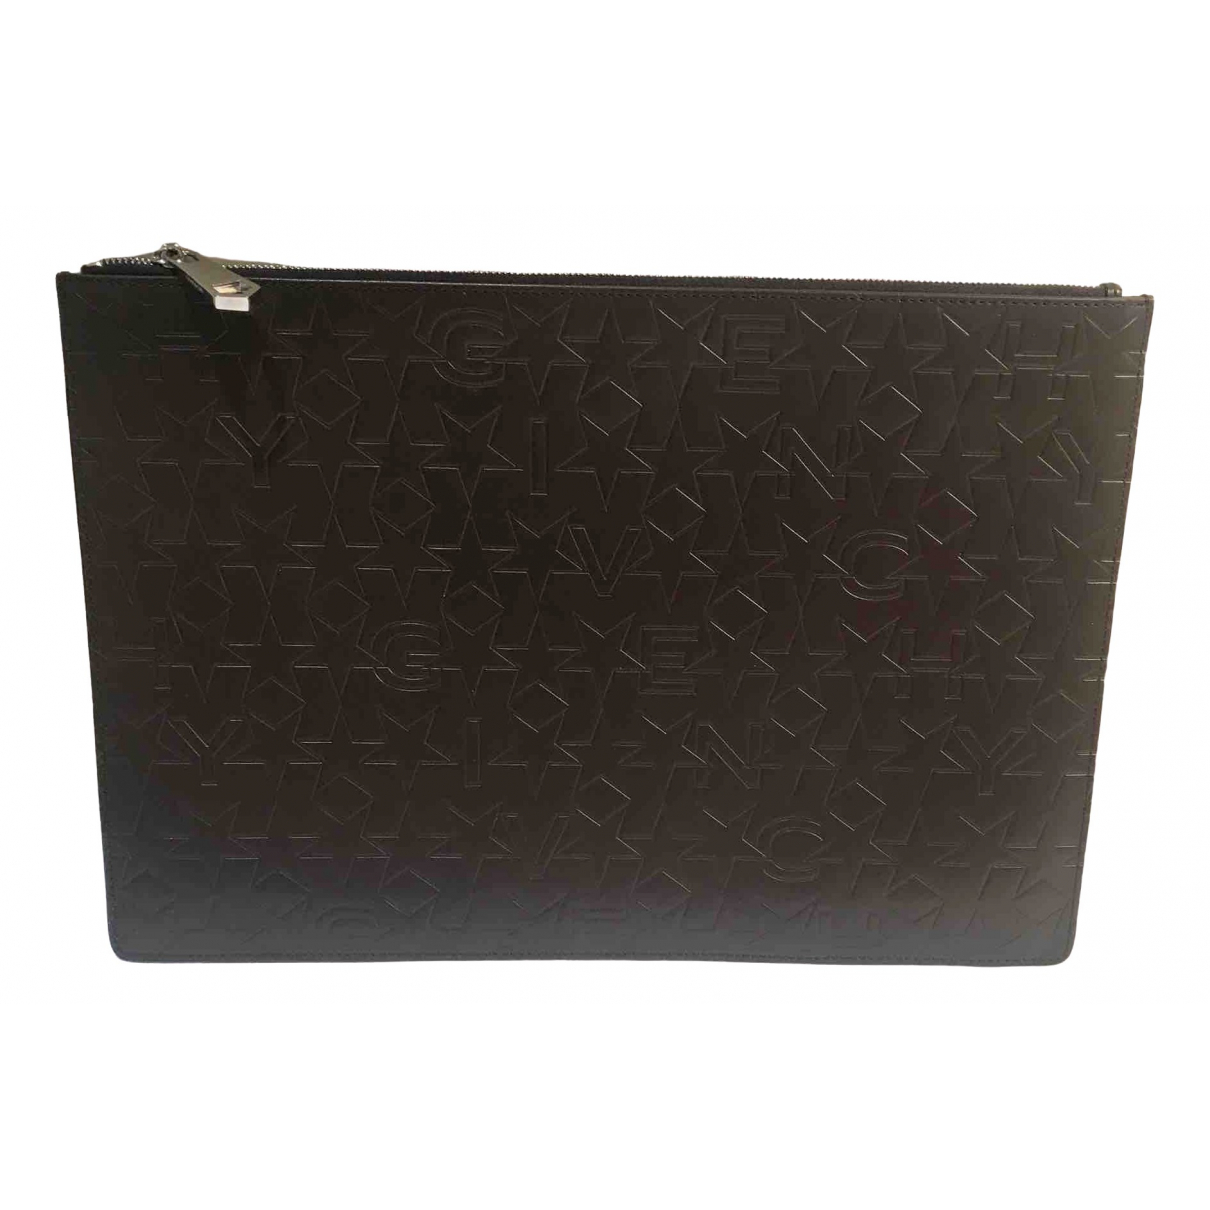 Givenchy \N Kleinlederwaren in  Braun Leder